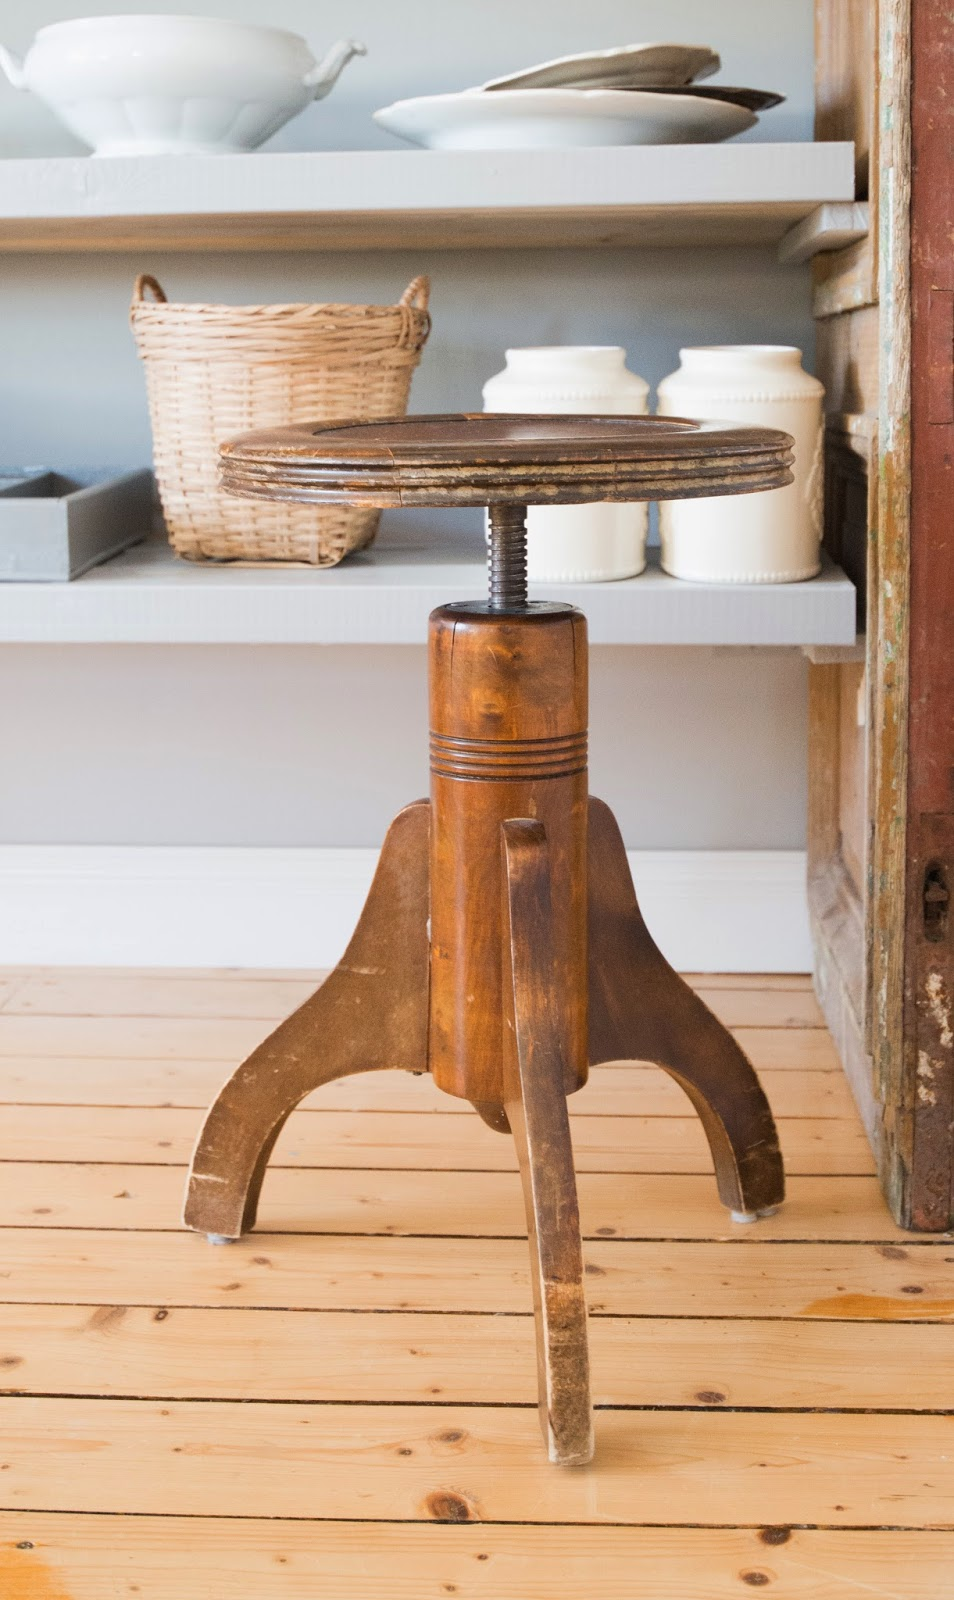 Add: design / anna stenberg / lantligt på svanängen: februari 2015